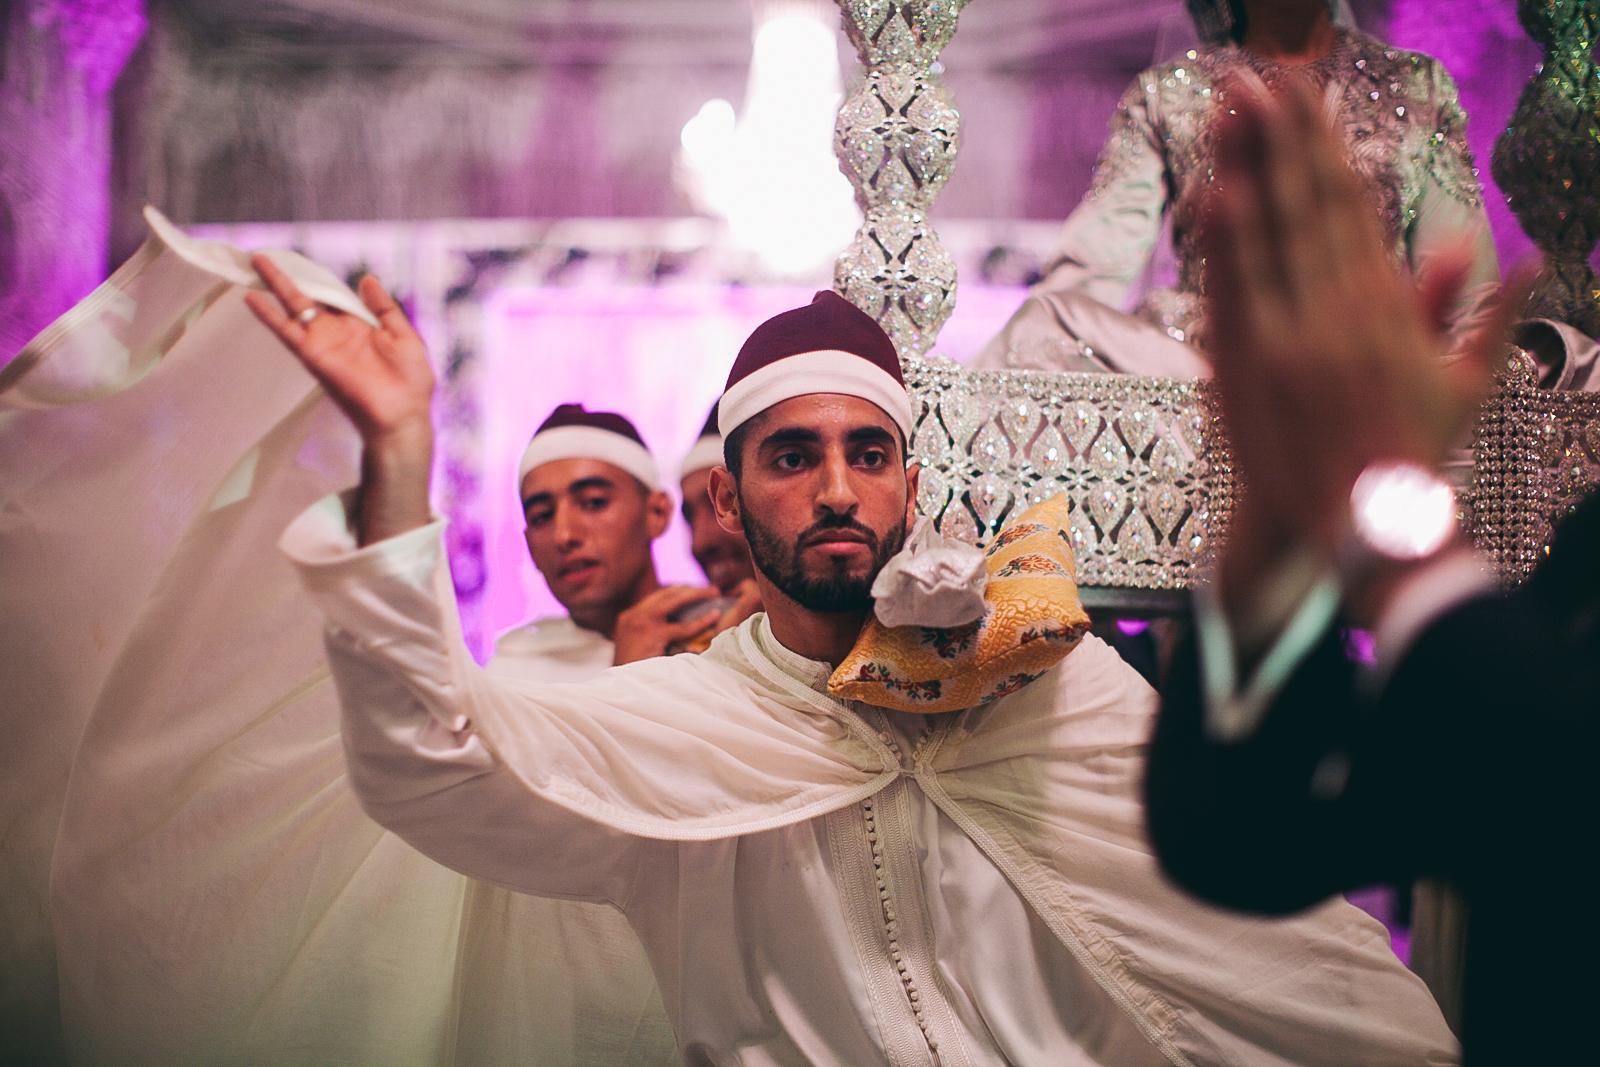 traditional_moroccan_wedding_photographry_casablanca_morocco_houda_vivek_ebony_siovhan_bokeh_photography_072.jpg